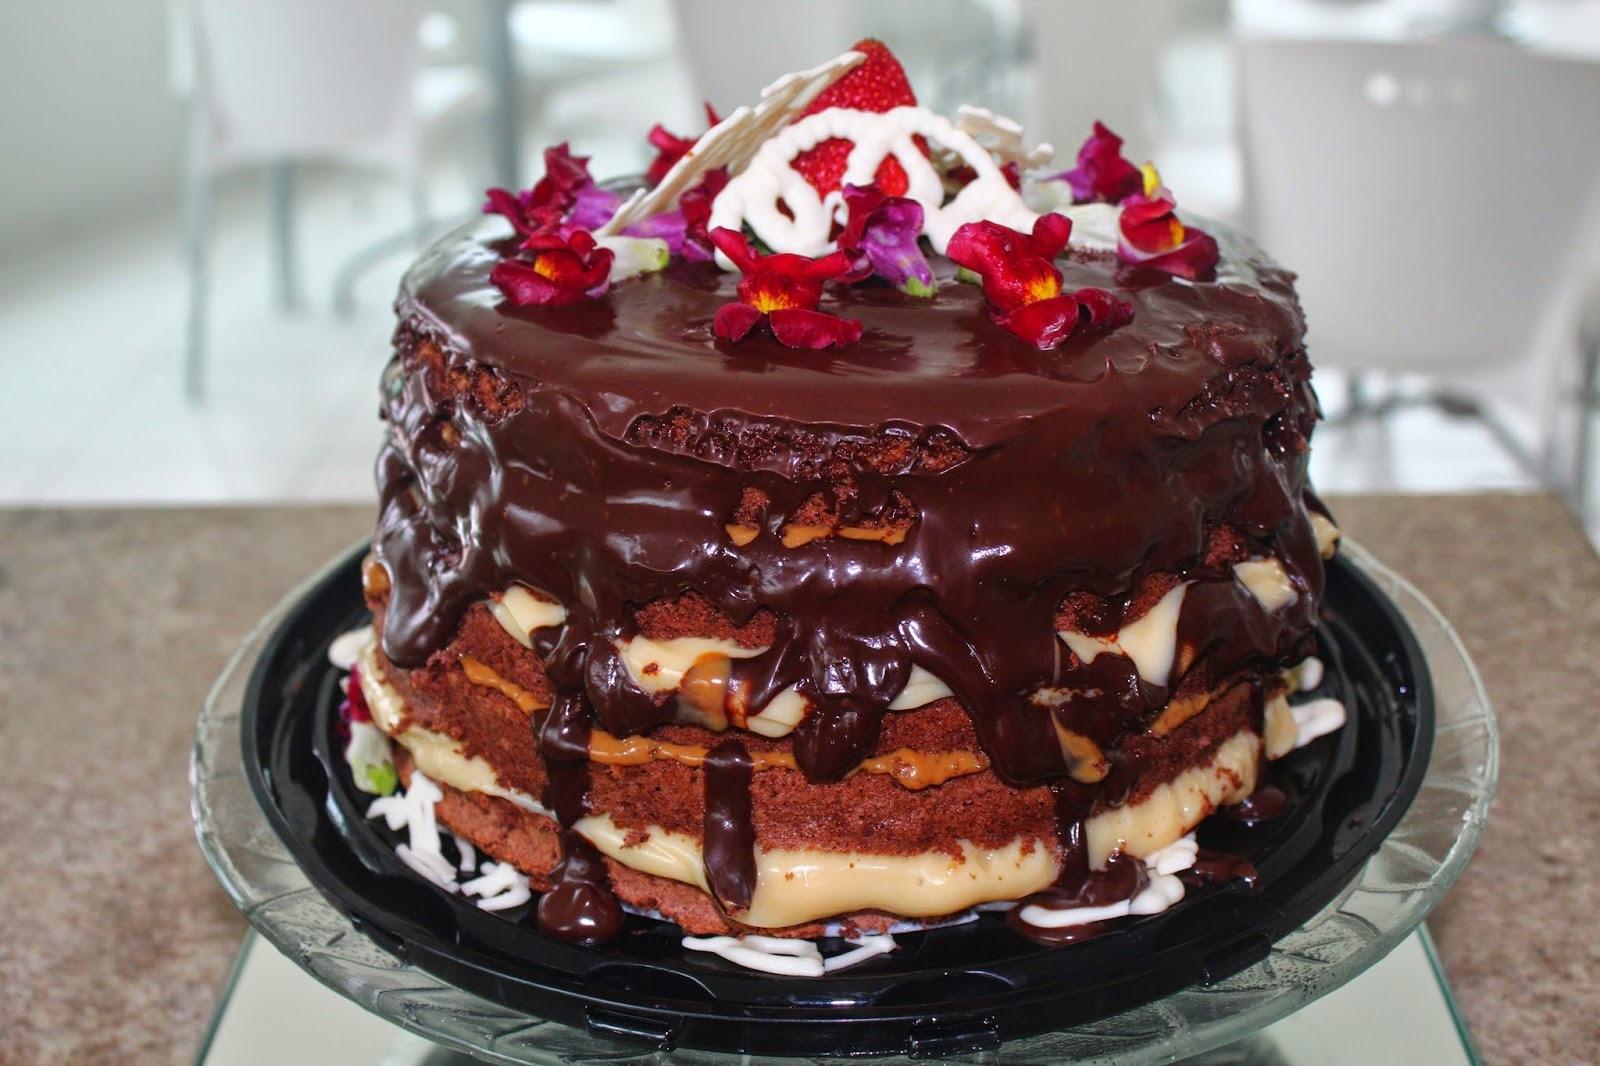 de bolos de chocolate preto com recheio cobertura de chocolate branco